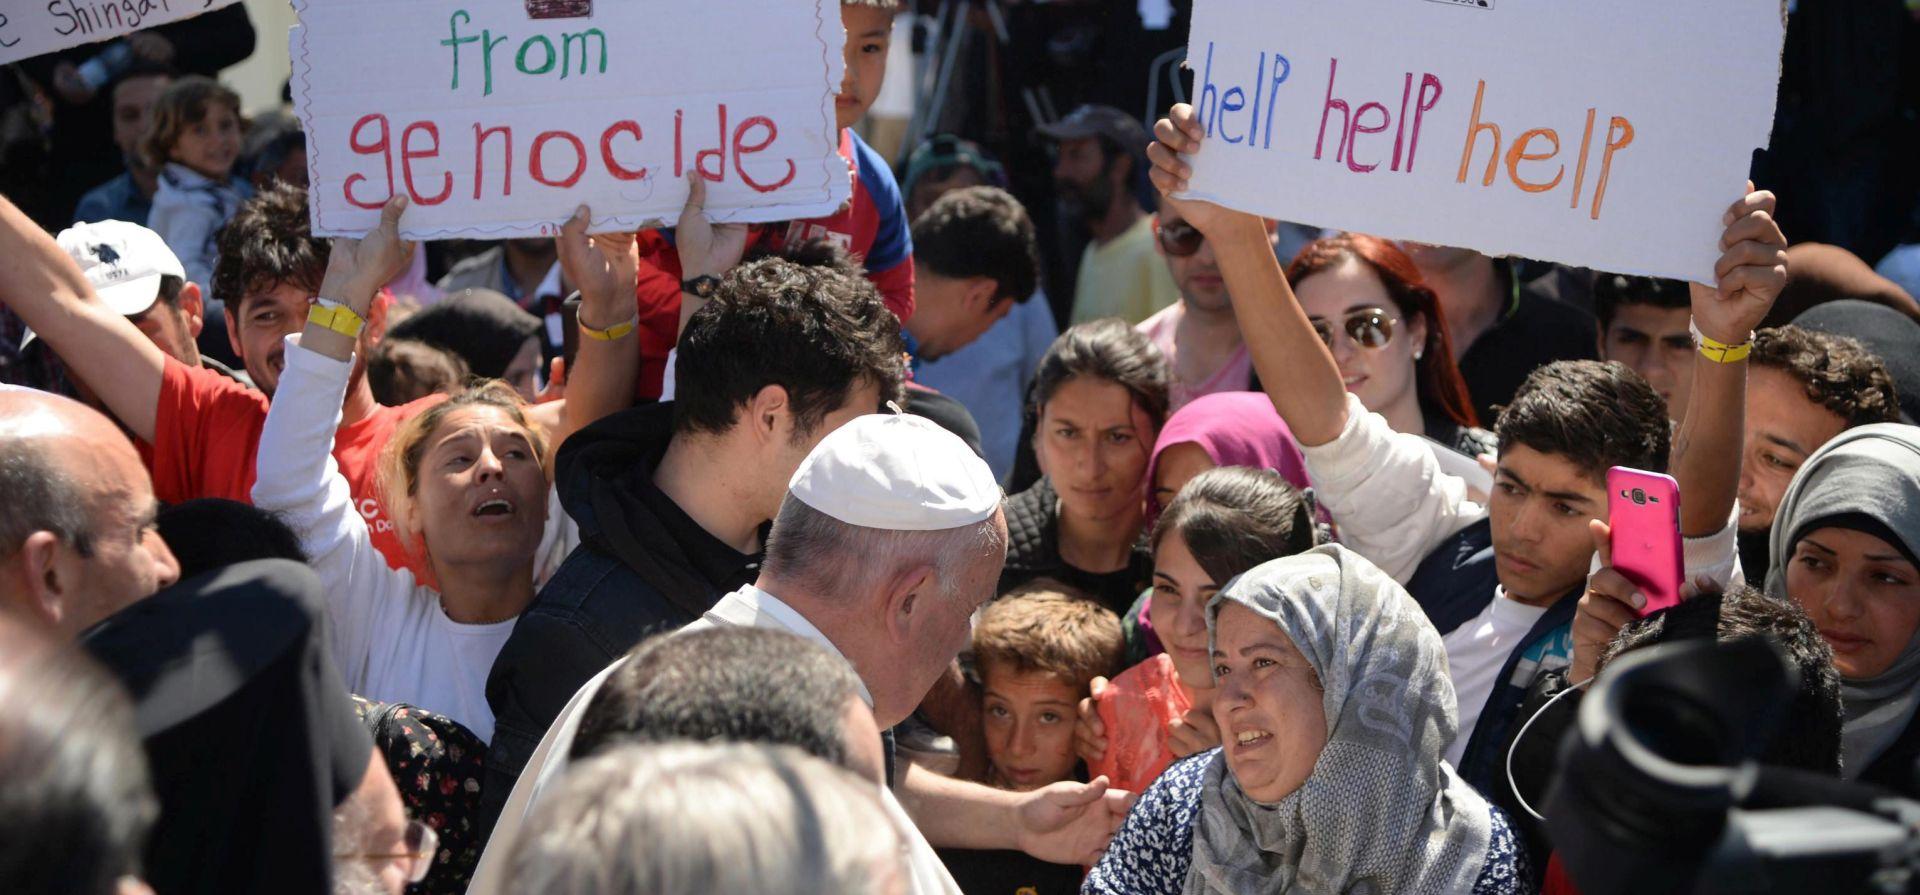 PRIHVATNI CENTAR NA LEZBOSU: Migranti plakali i molili Papu za pomoć